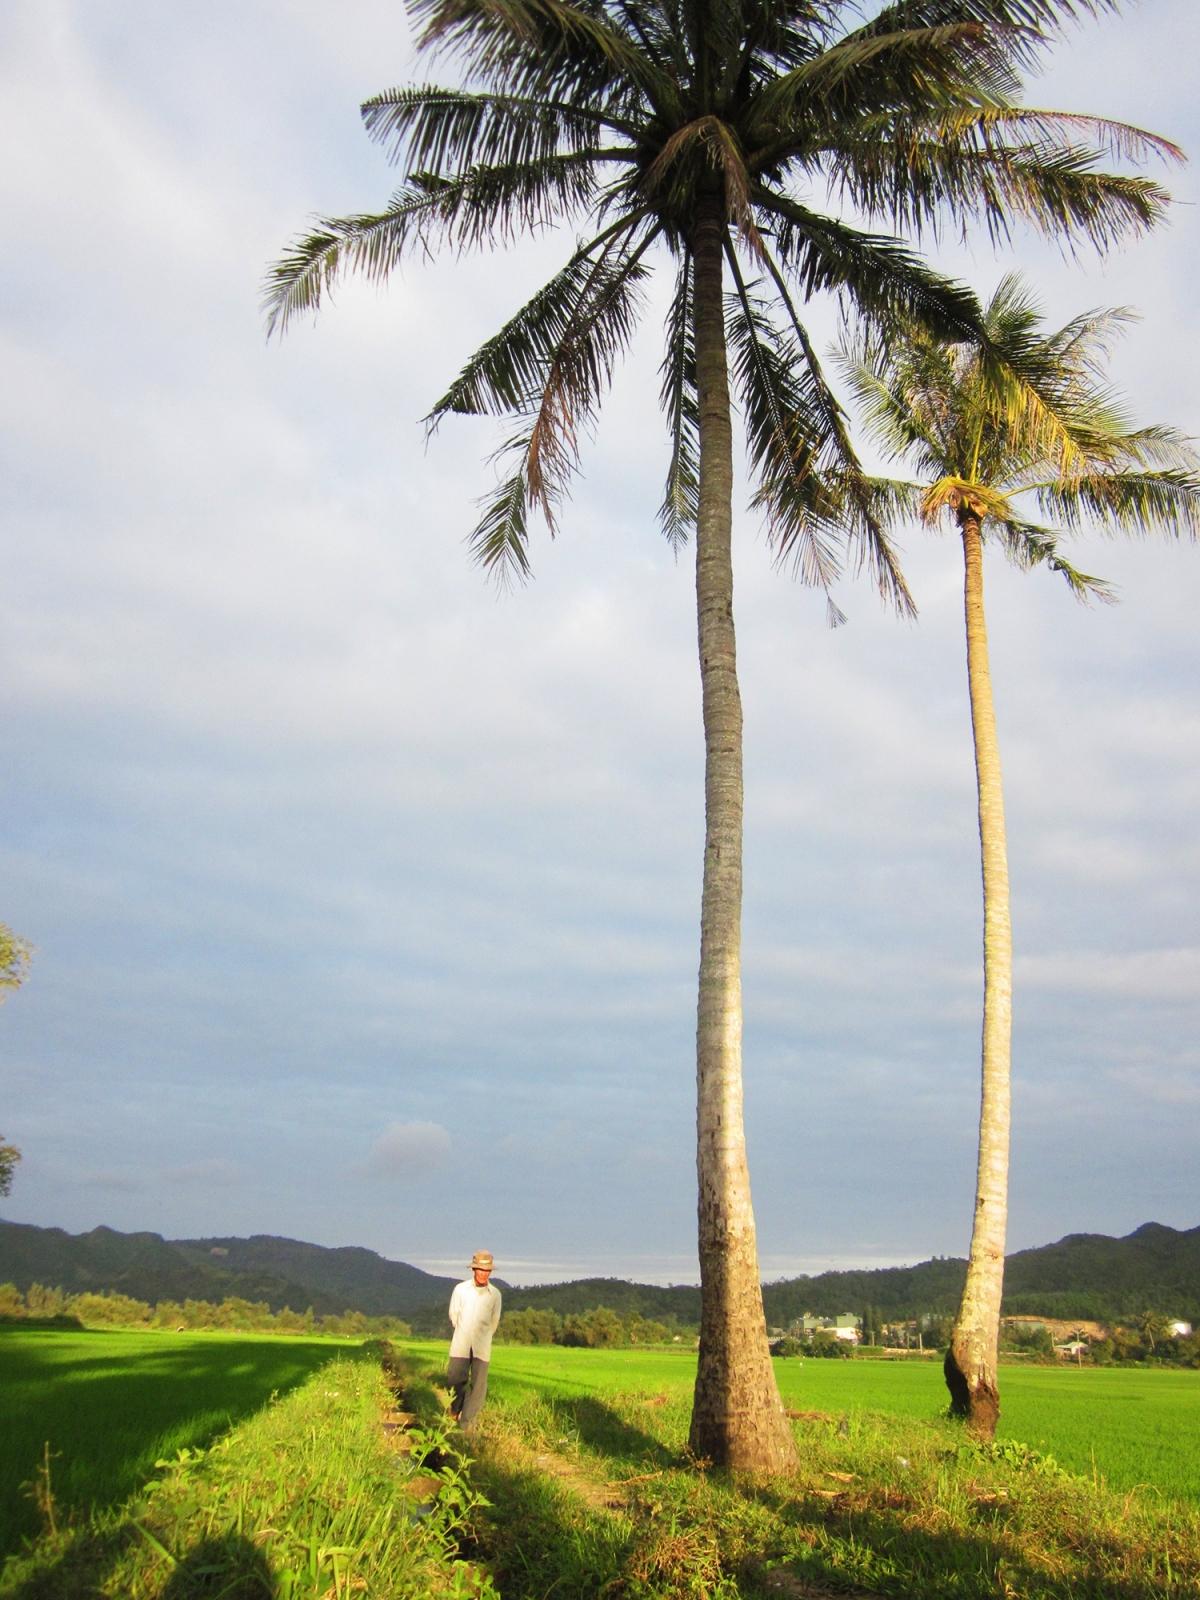 Cụ ông đi thăm ruộng trong nắng chiều nhạt dần ở TT.La Hai, H.Đồng Xuân. Người địa phương thường đi xem chừng nước từ mương thủy lợi có vô ruộng, lúa có sâu rầy hay chưa.